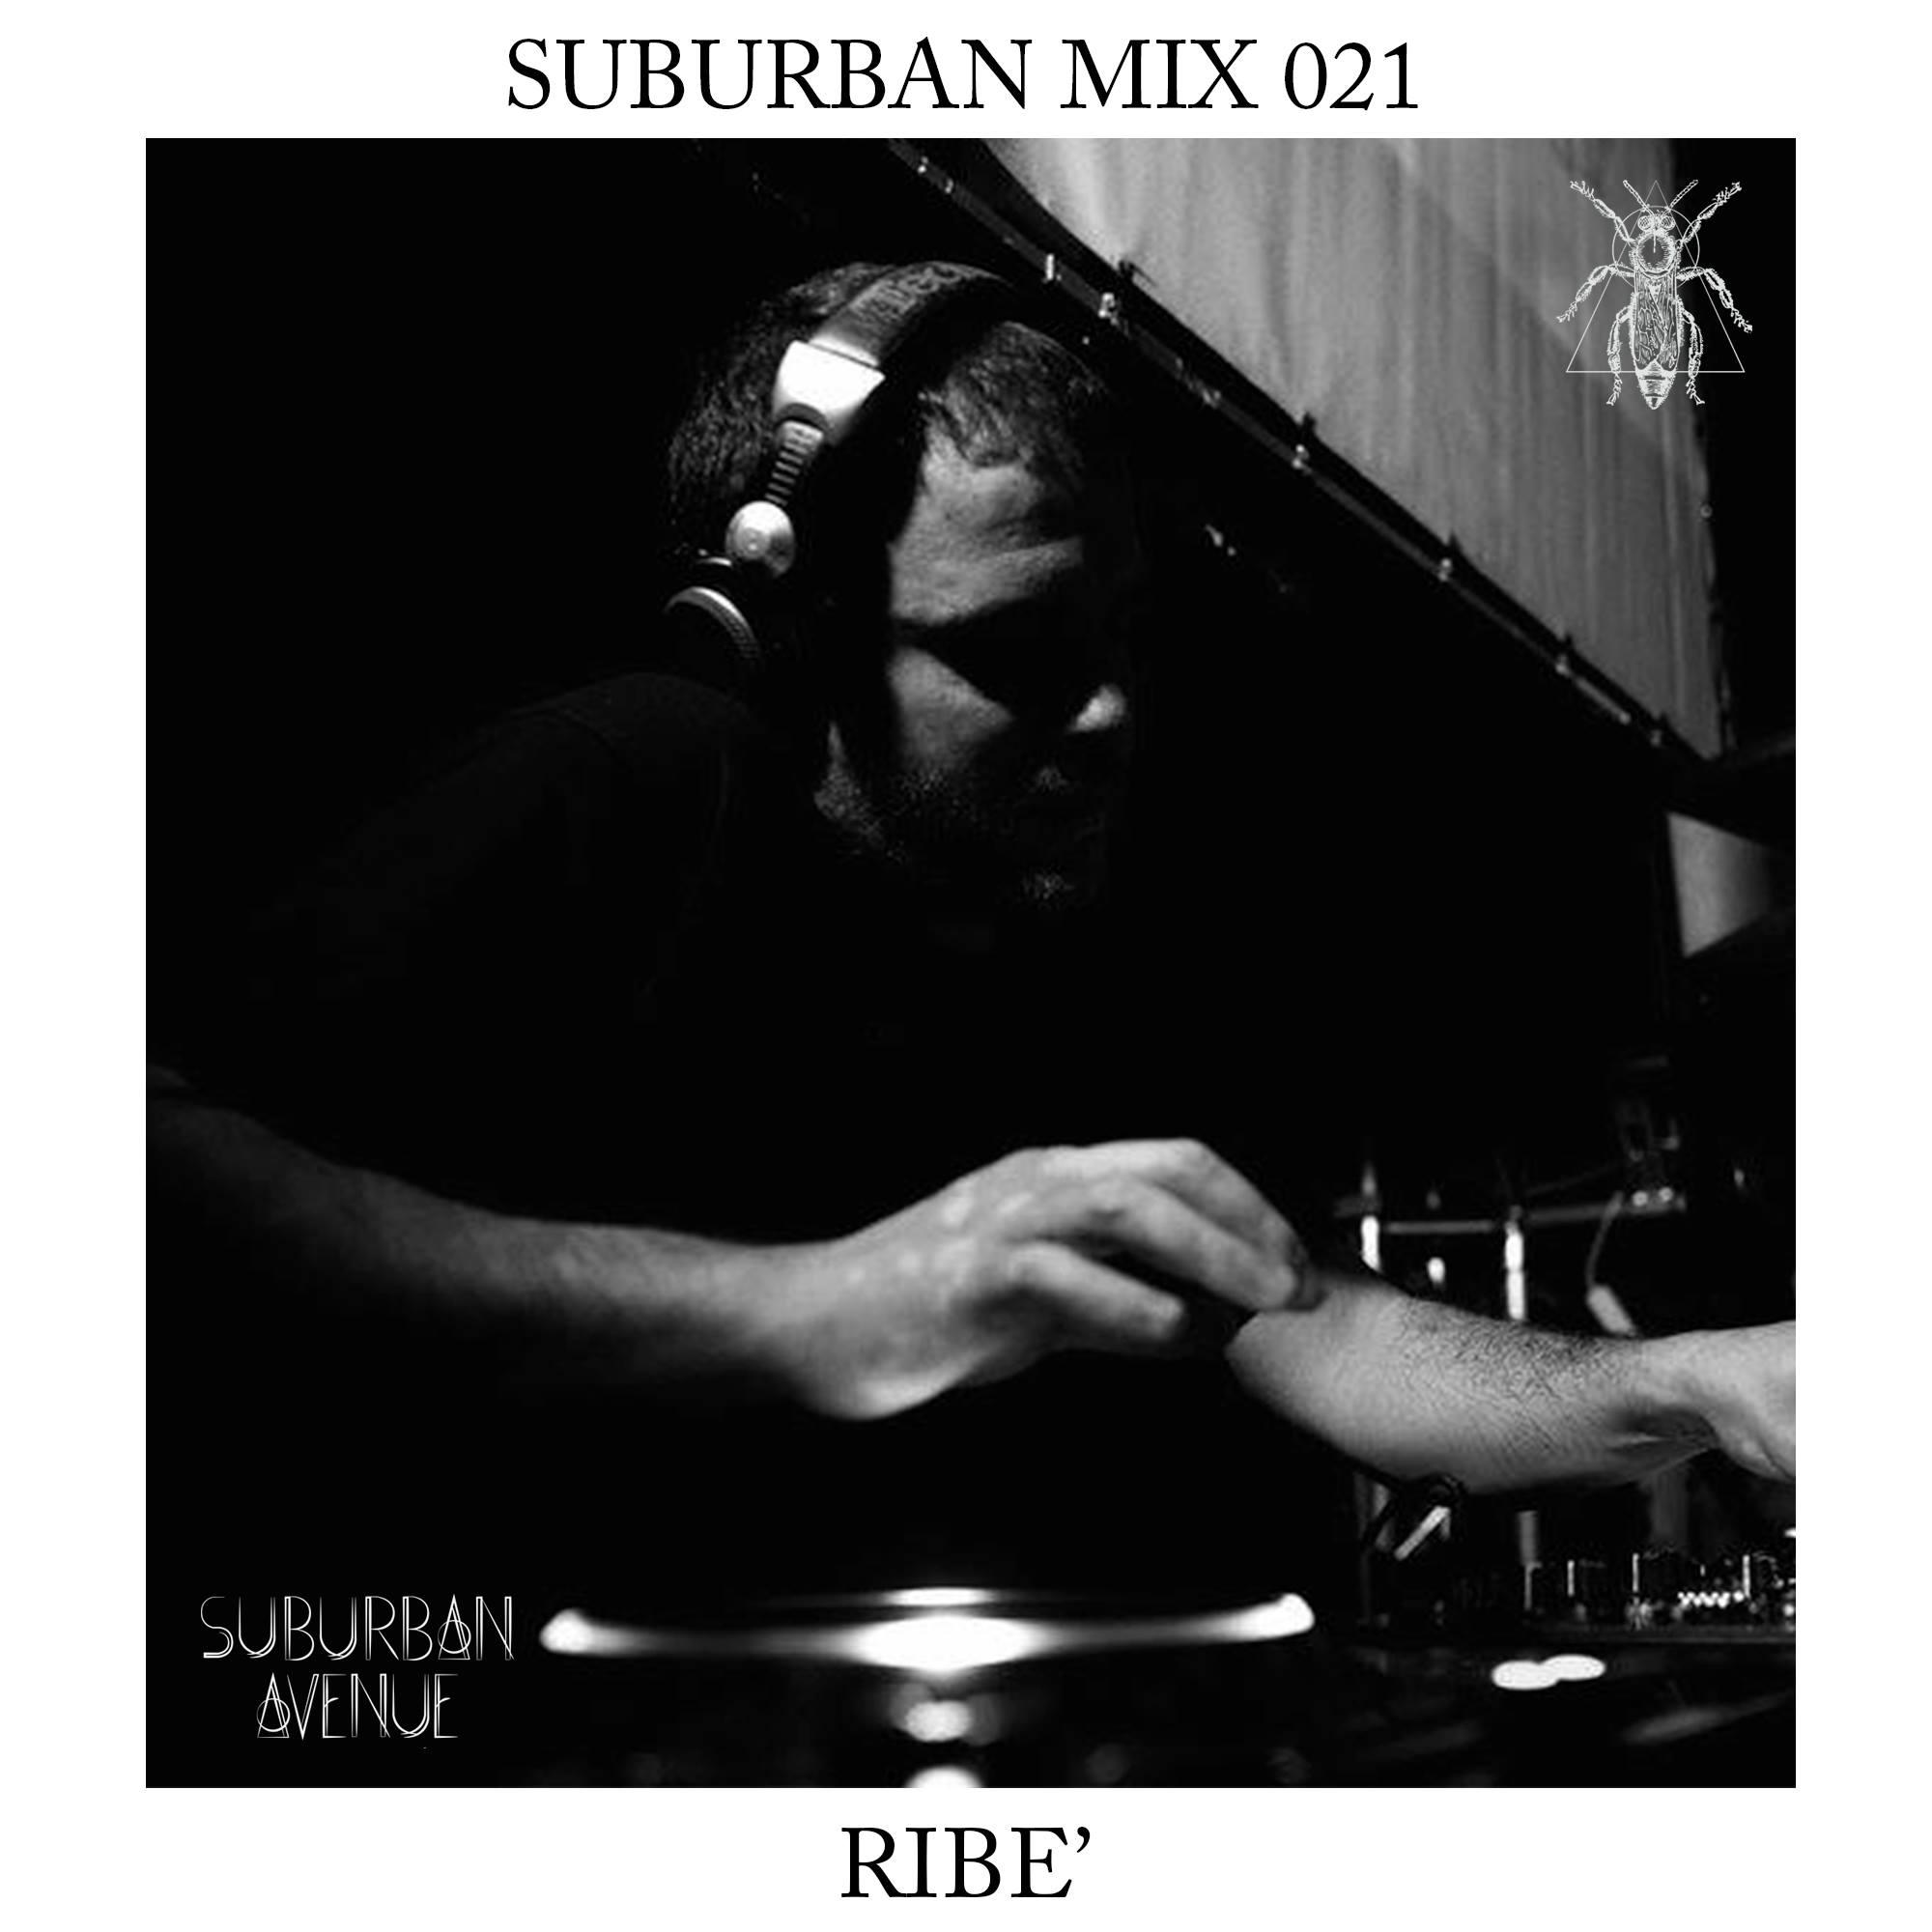 Suburban Mix 021 - Ribé